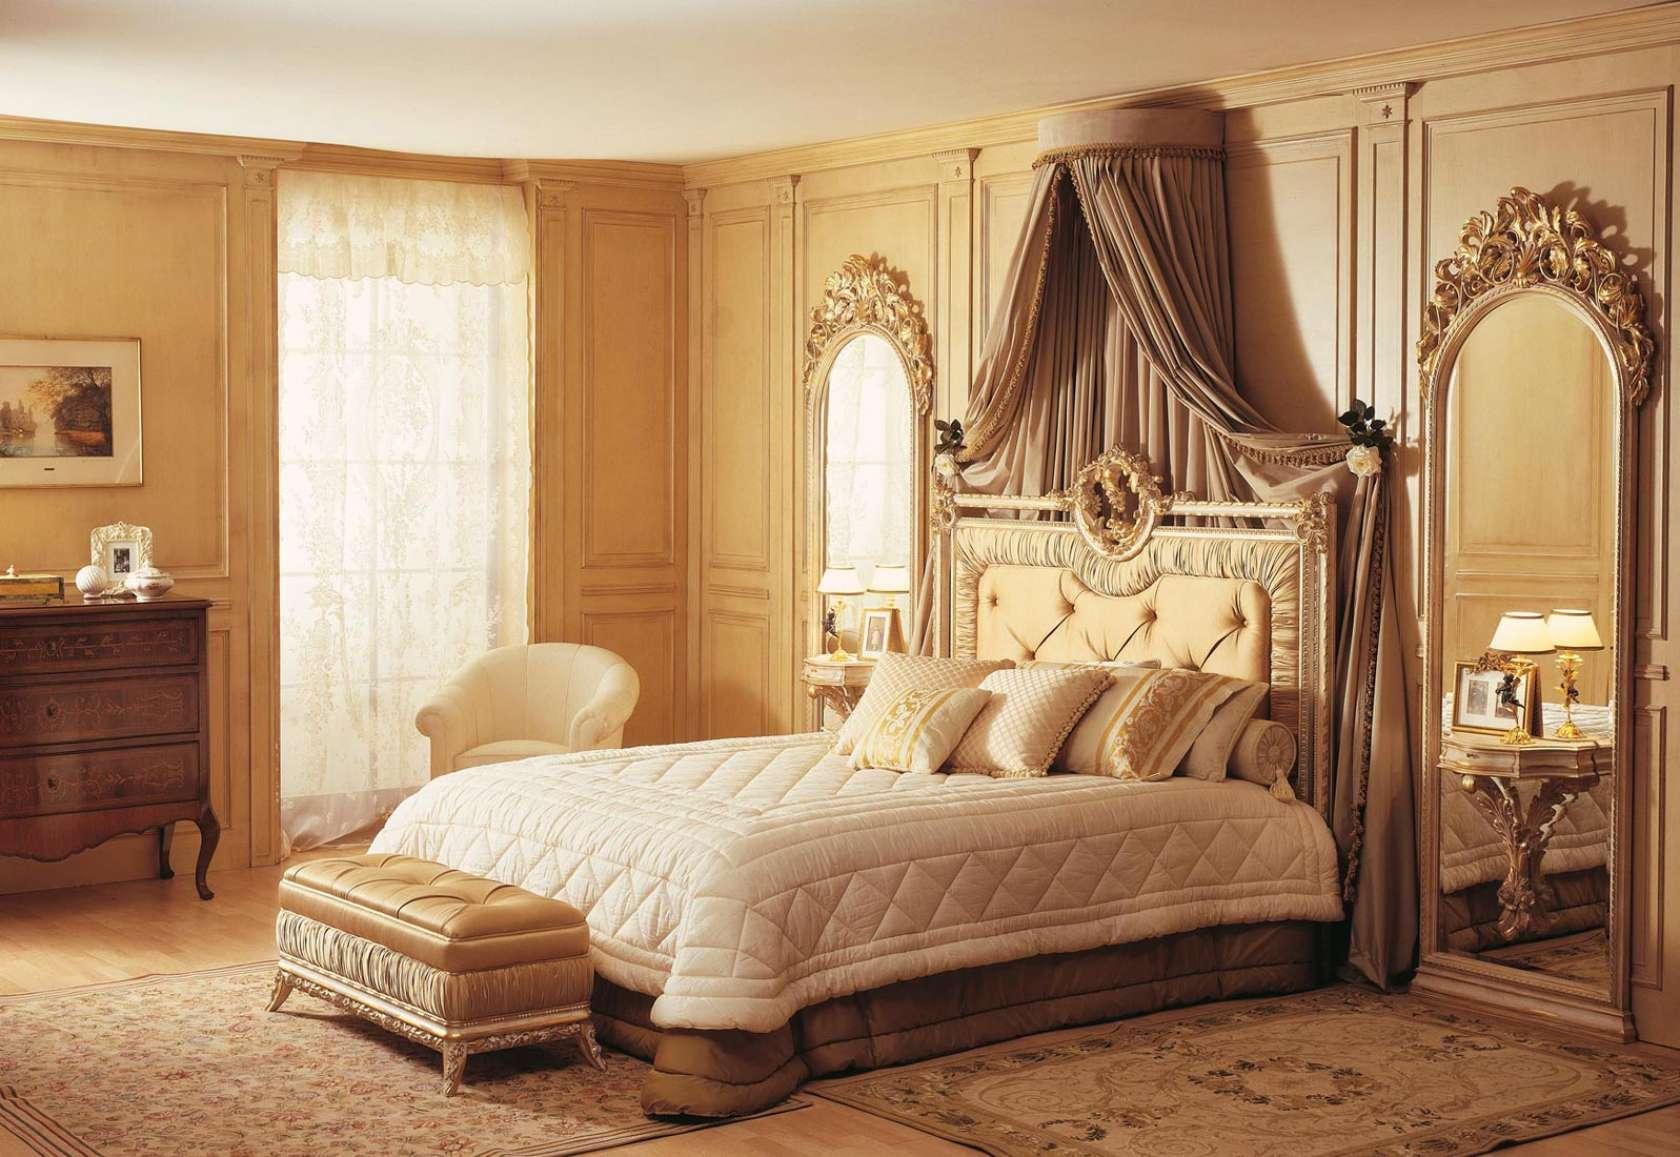 Immagini Di Camere Da Letto Classiche : Camera da letto classica louvre letto e specchiere bianco su oro